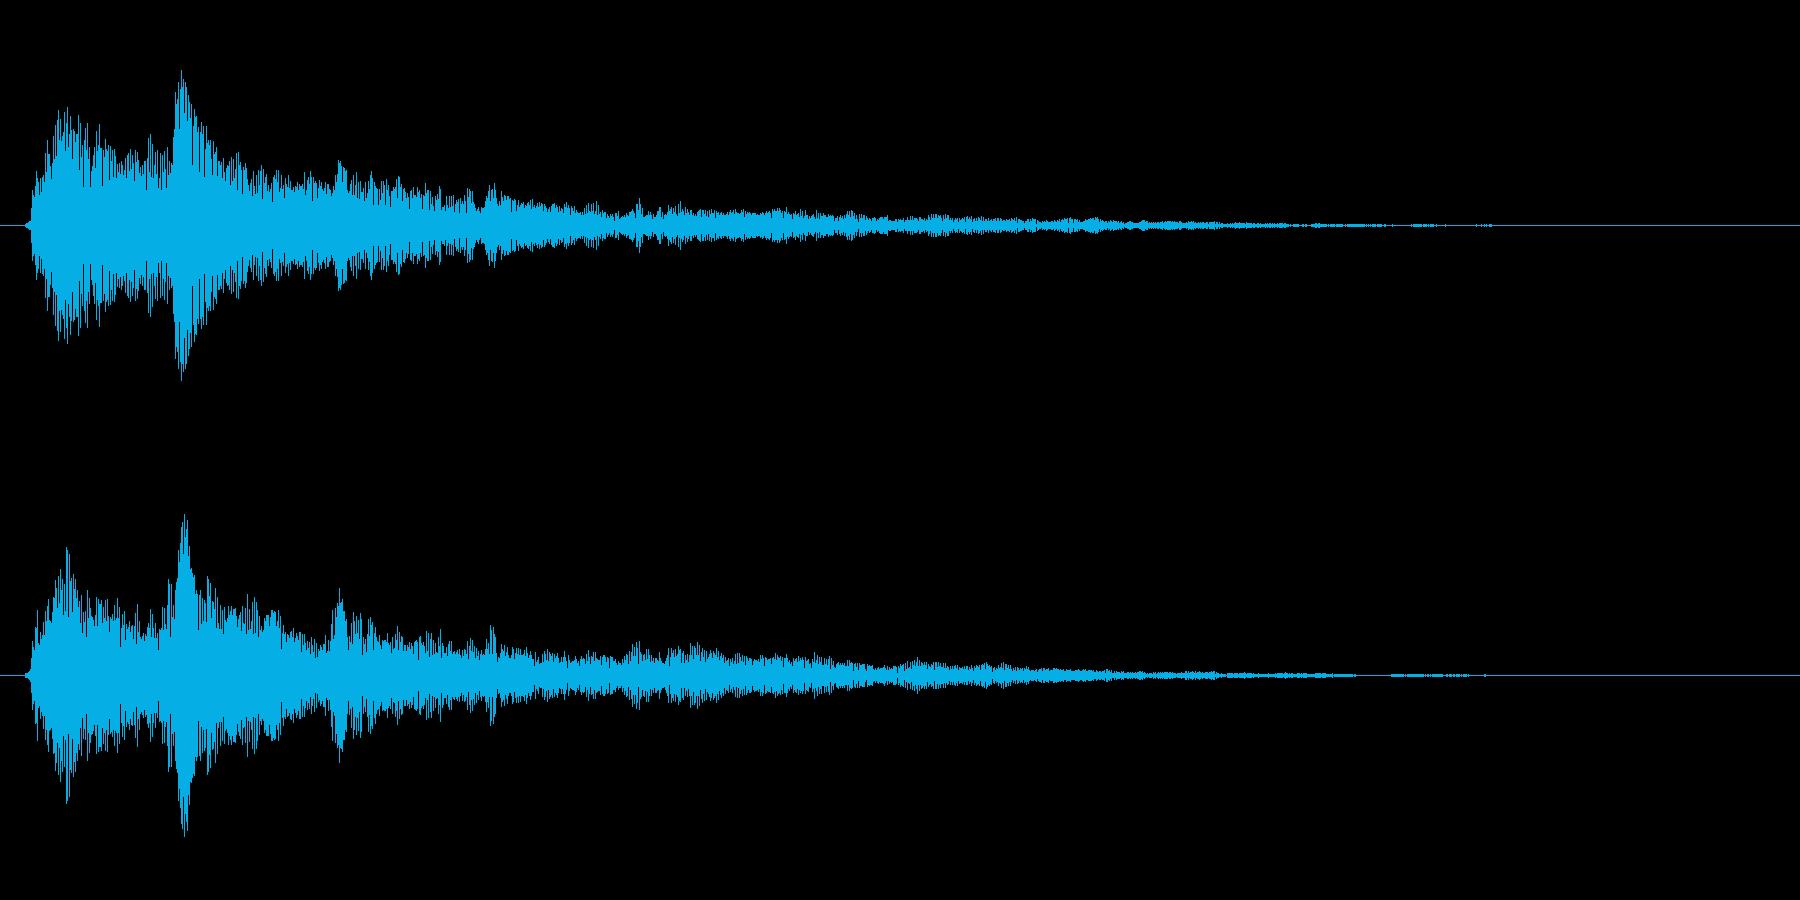 金属系バネ入りのクリック音(1音)の再生済みの波形